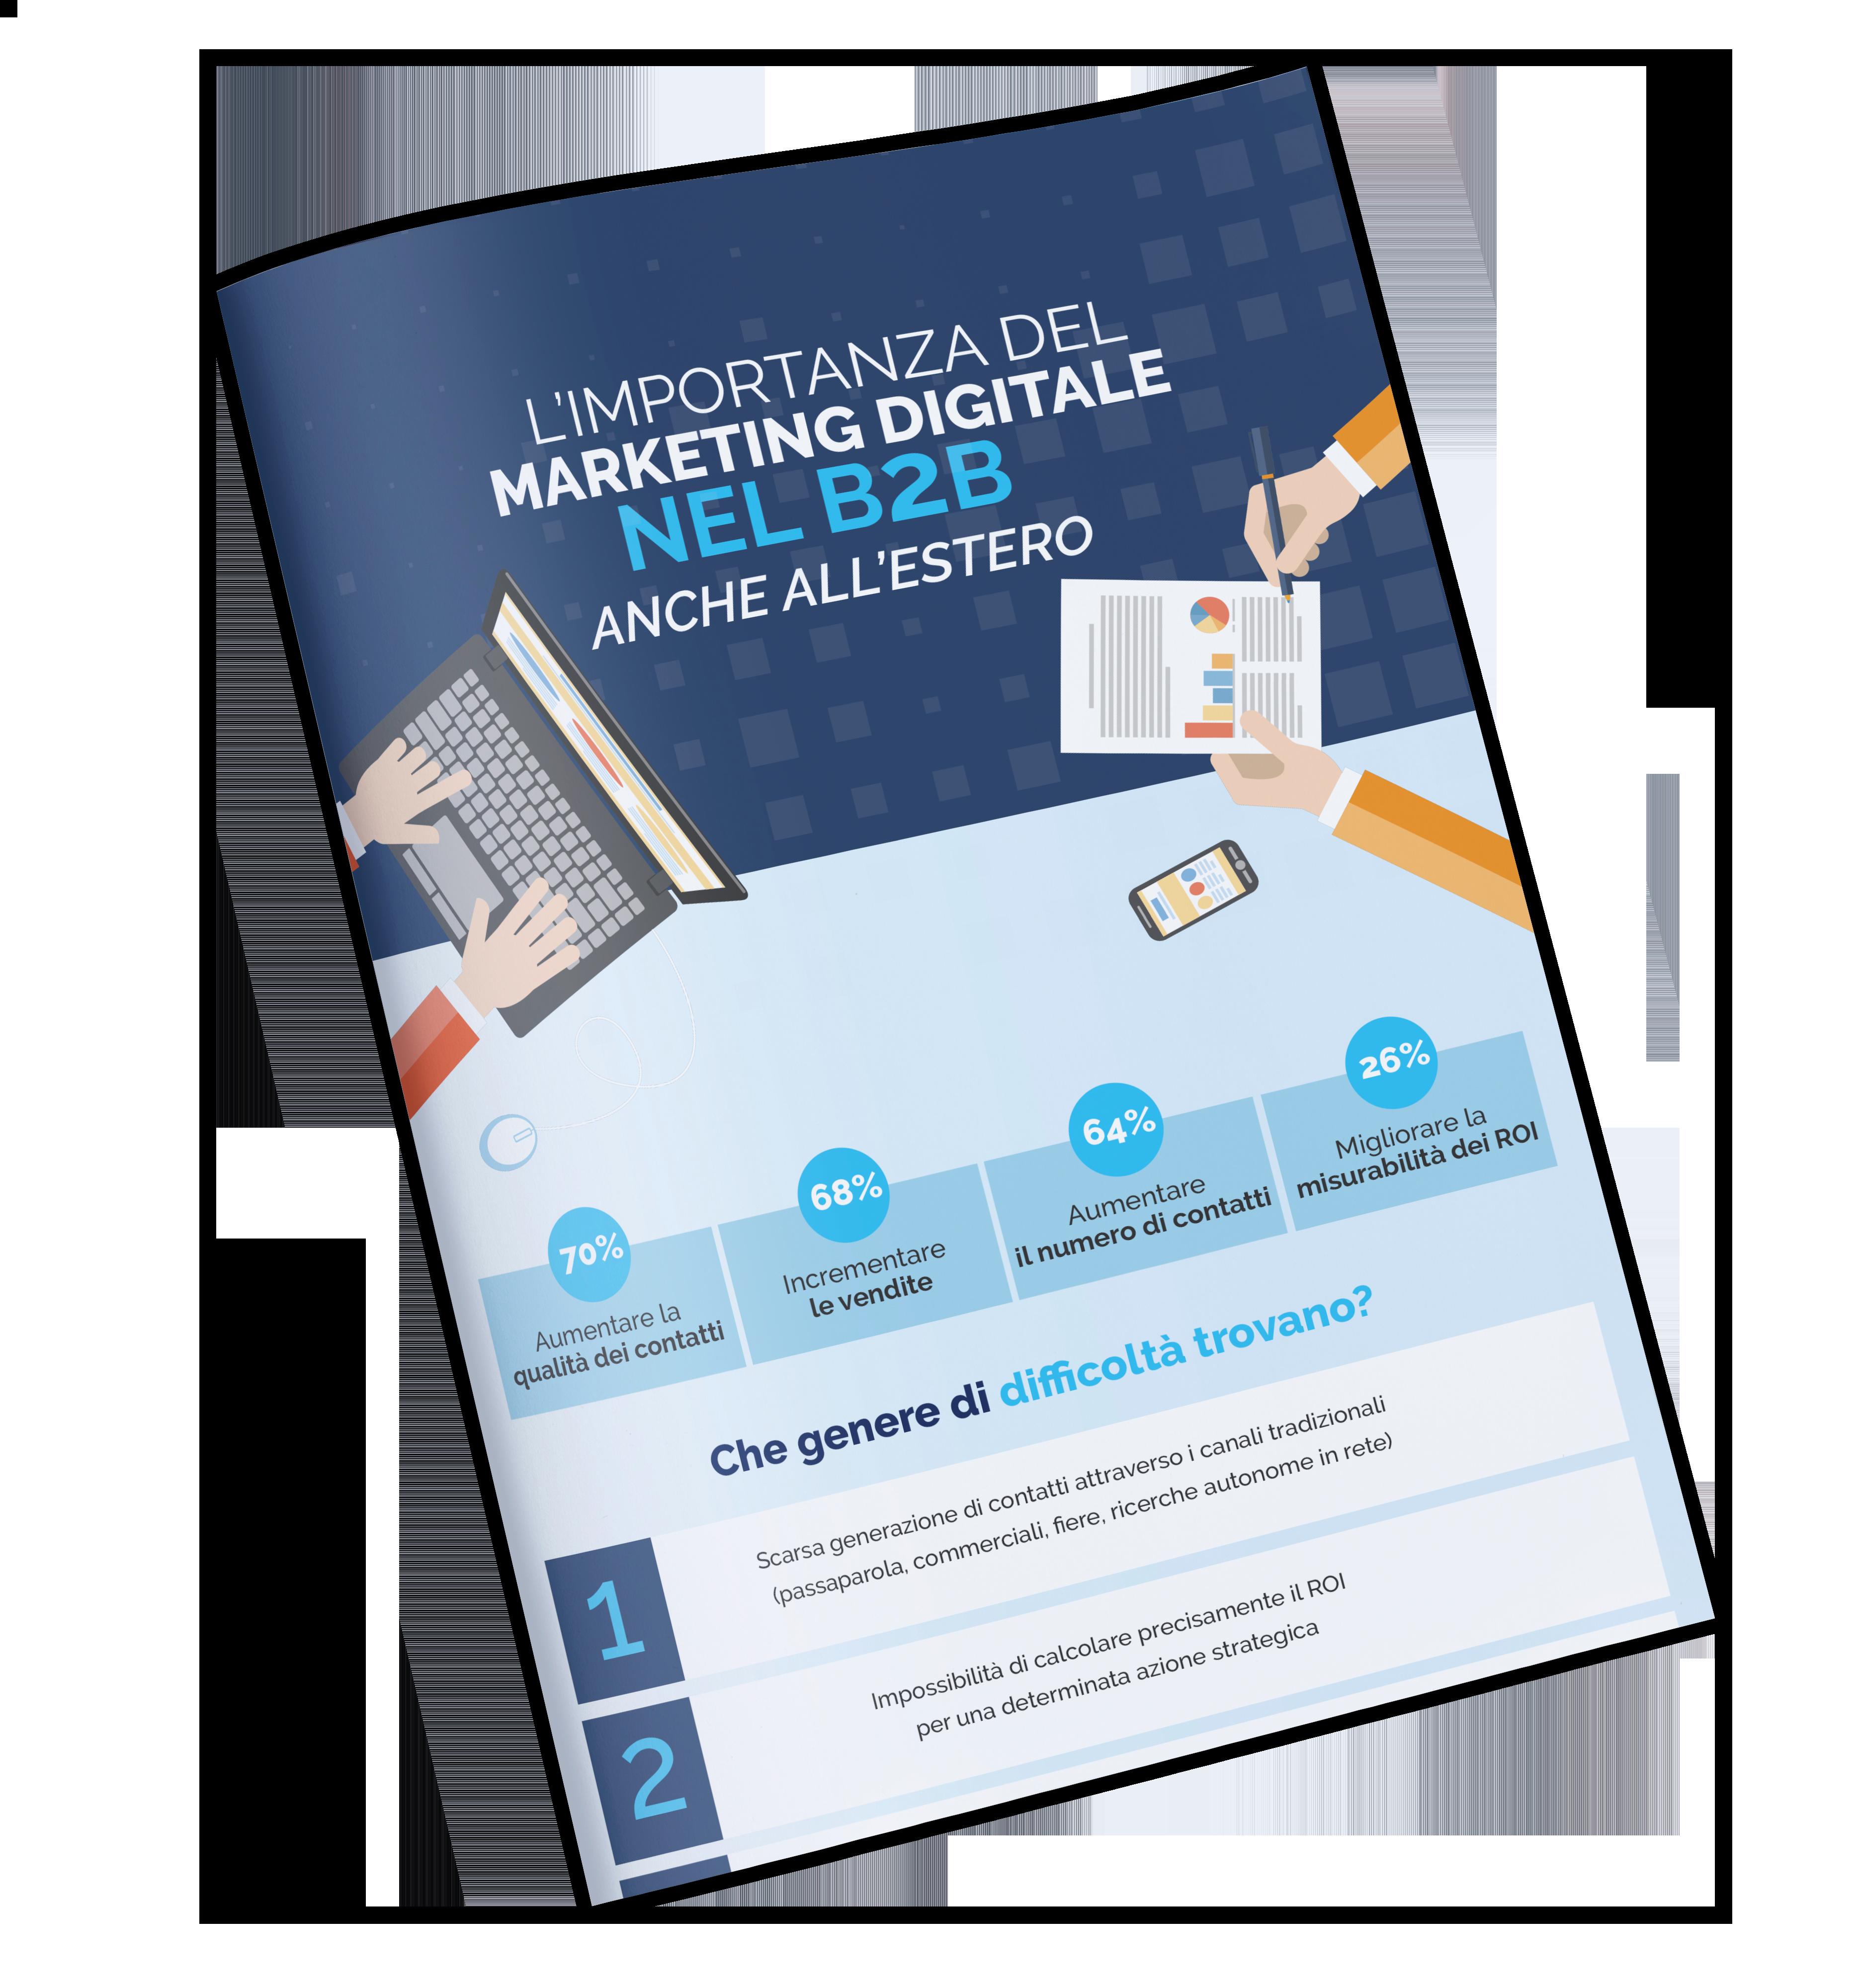 L'importanza del Marketing Digitale nel B2B (anche all'estero)